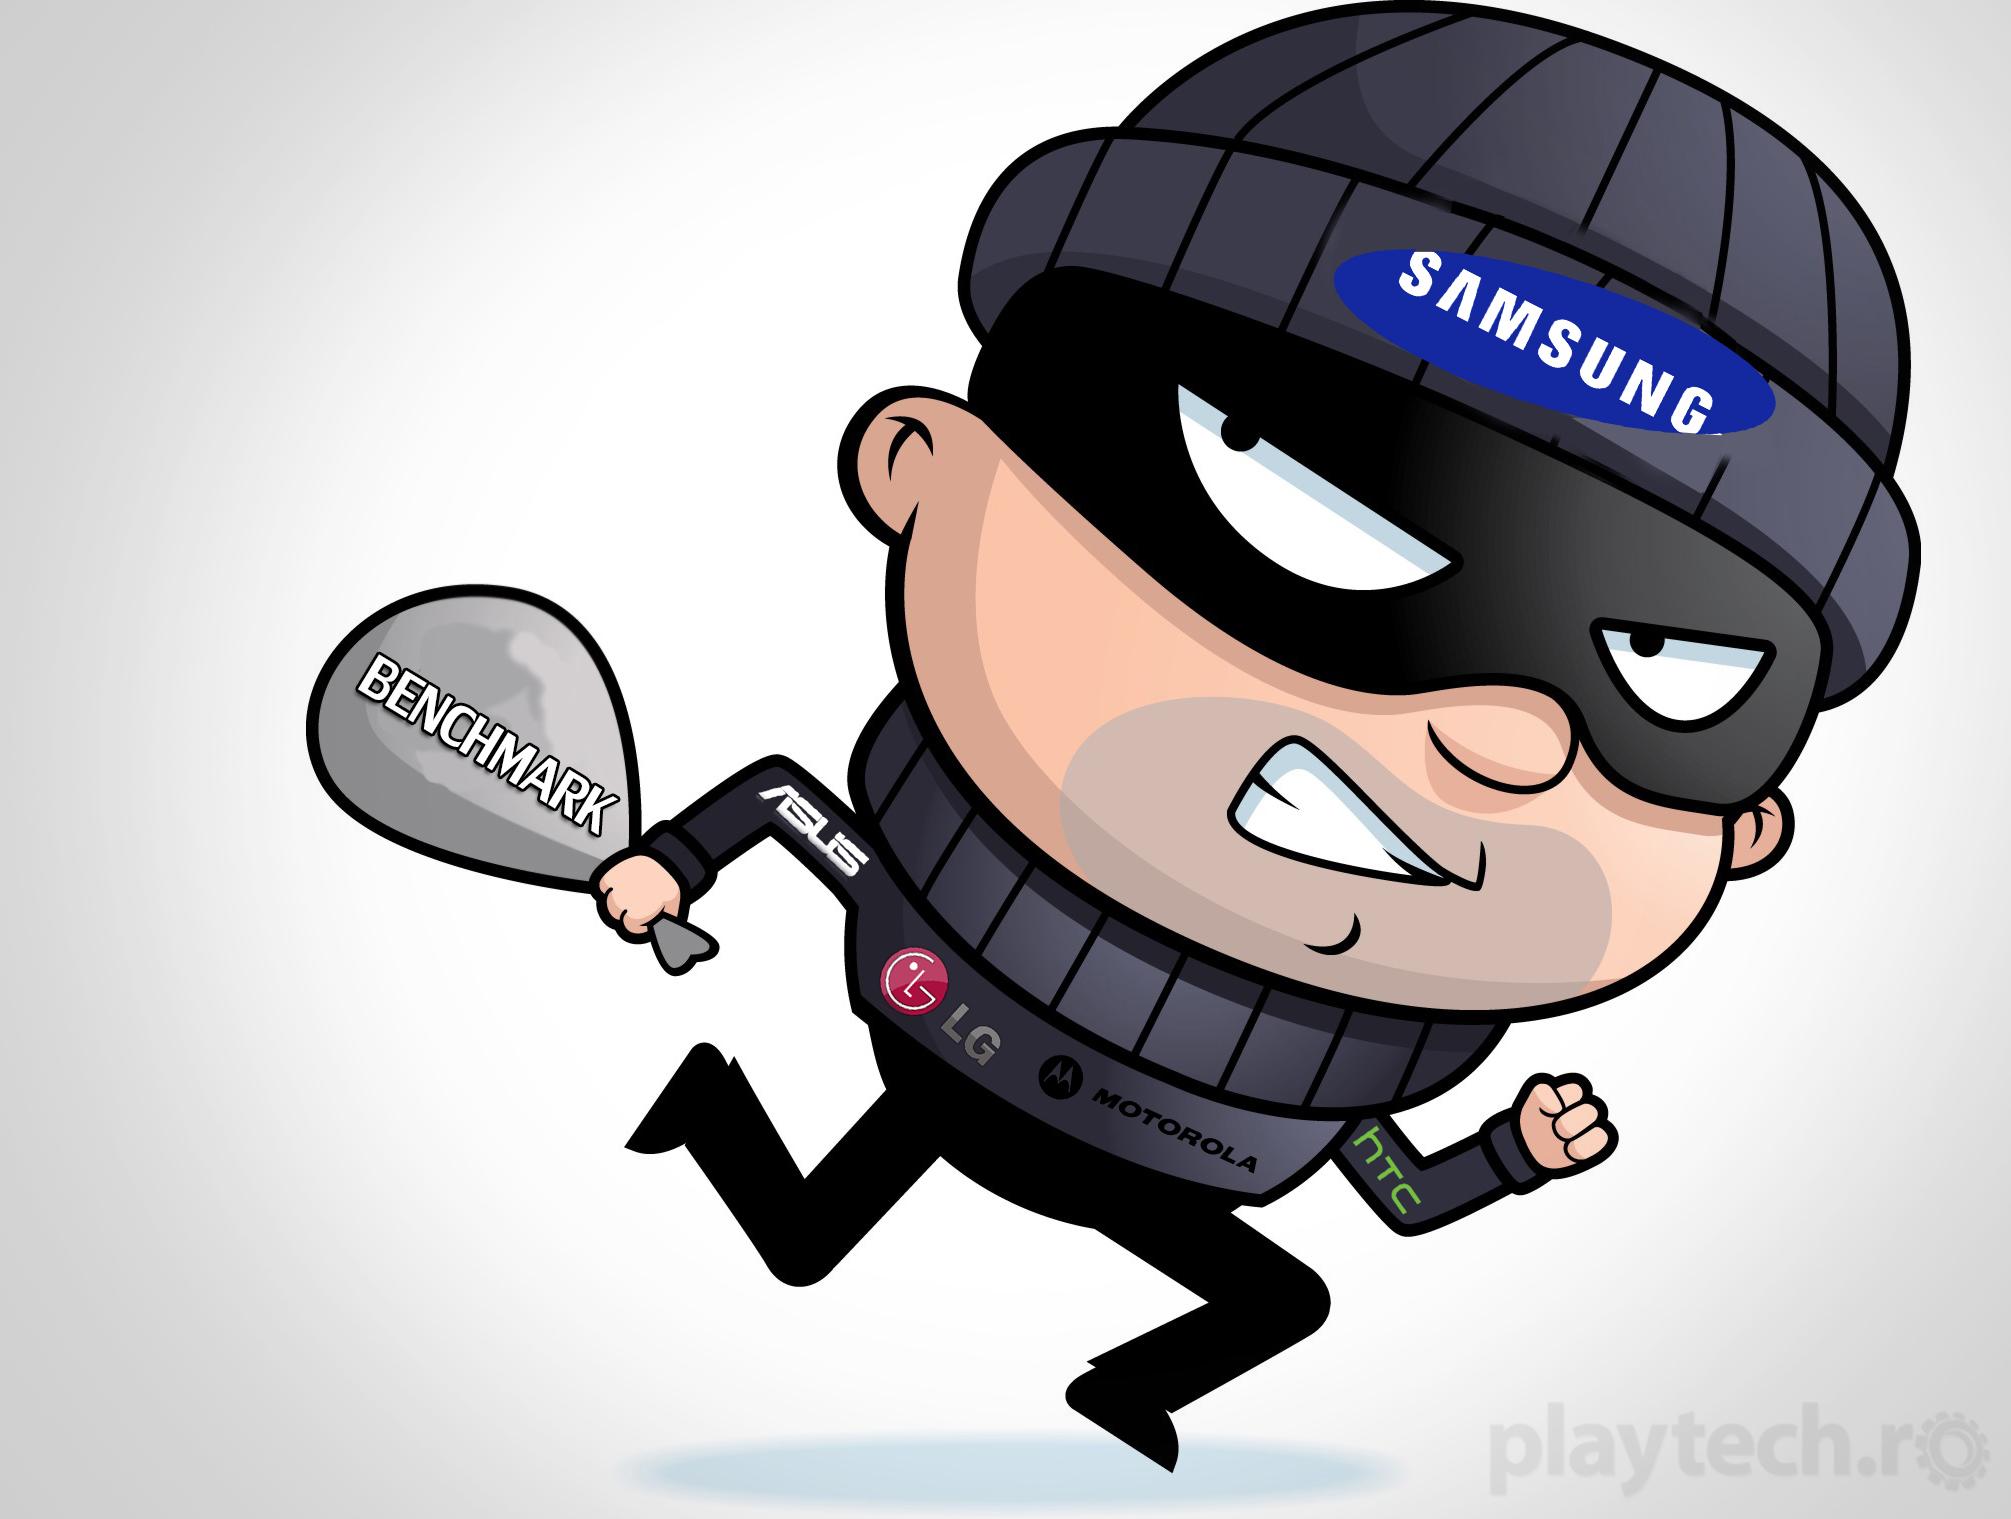 Studiu: Nu doar Samsung insala sistemul la benchmark-uri